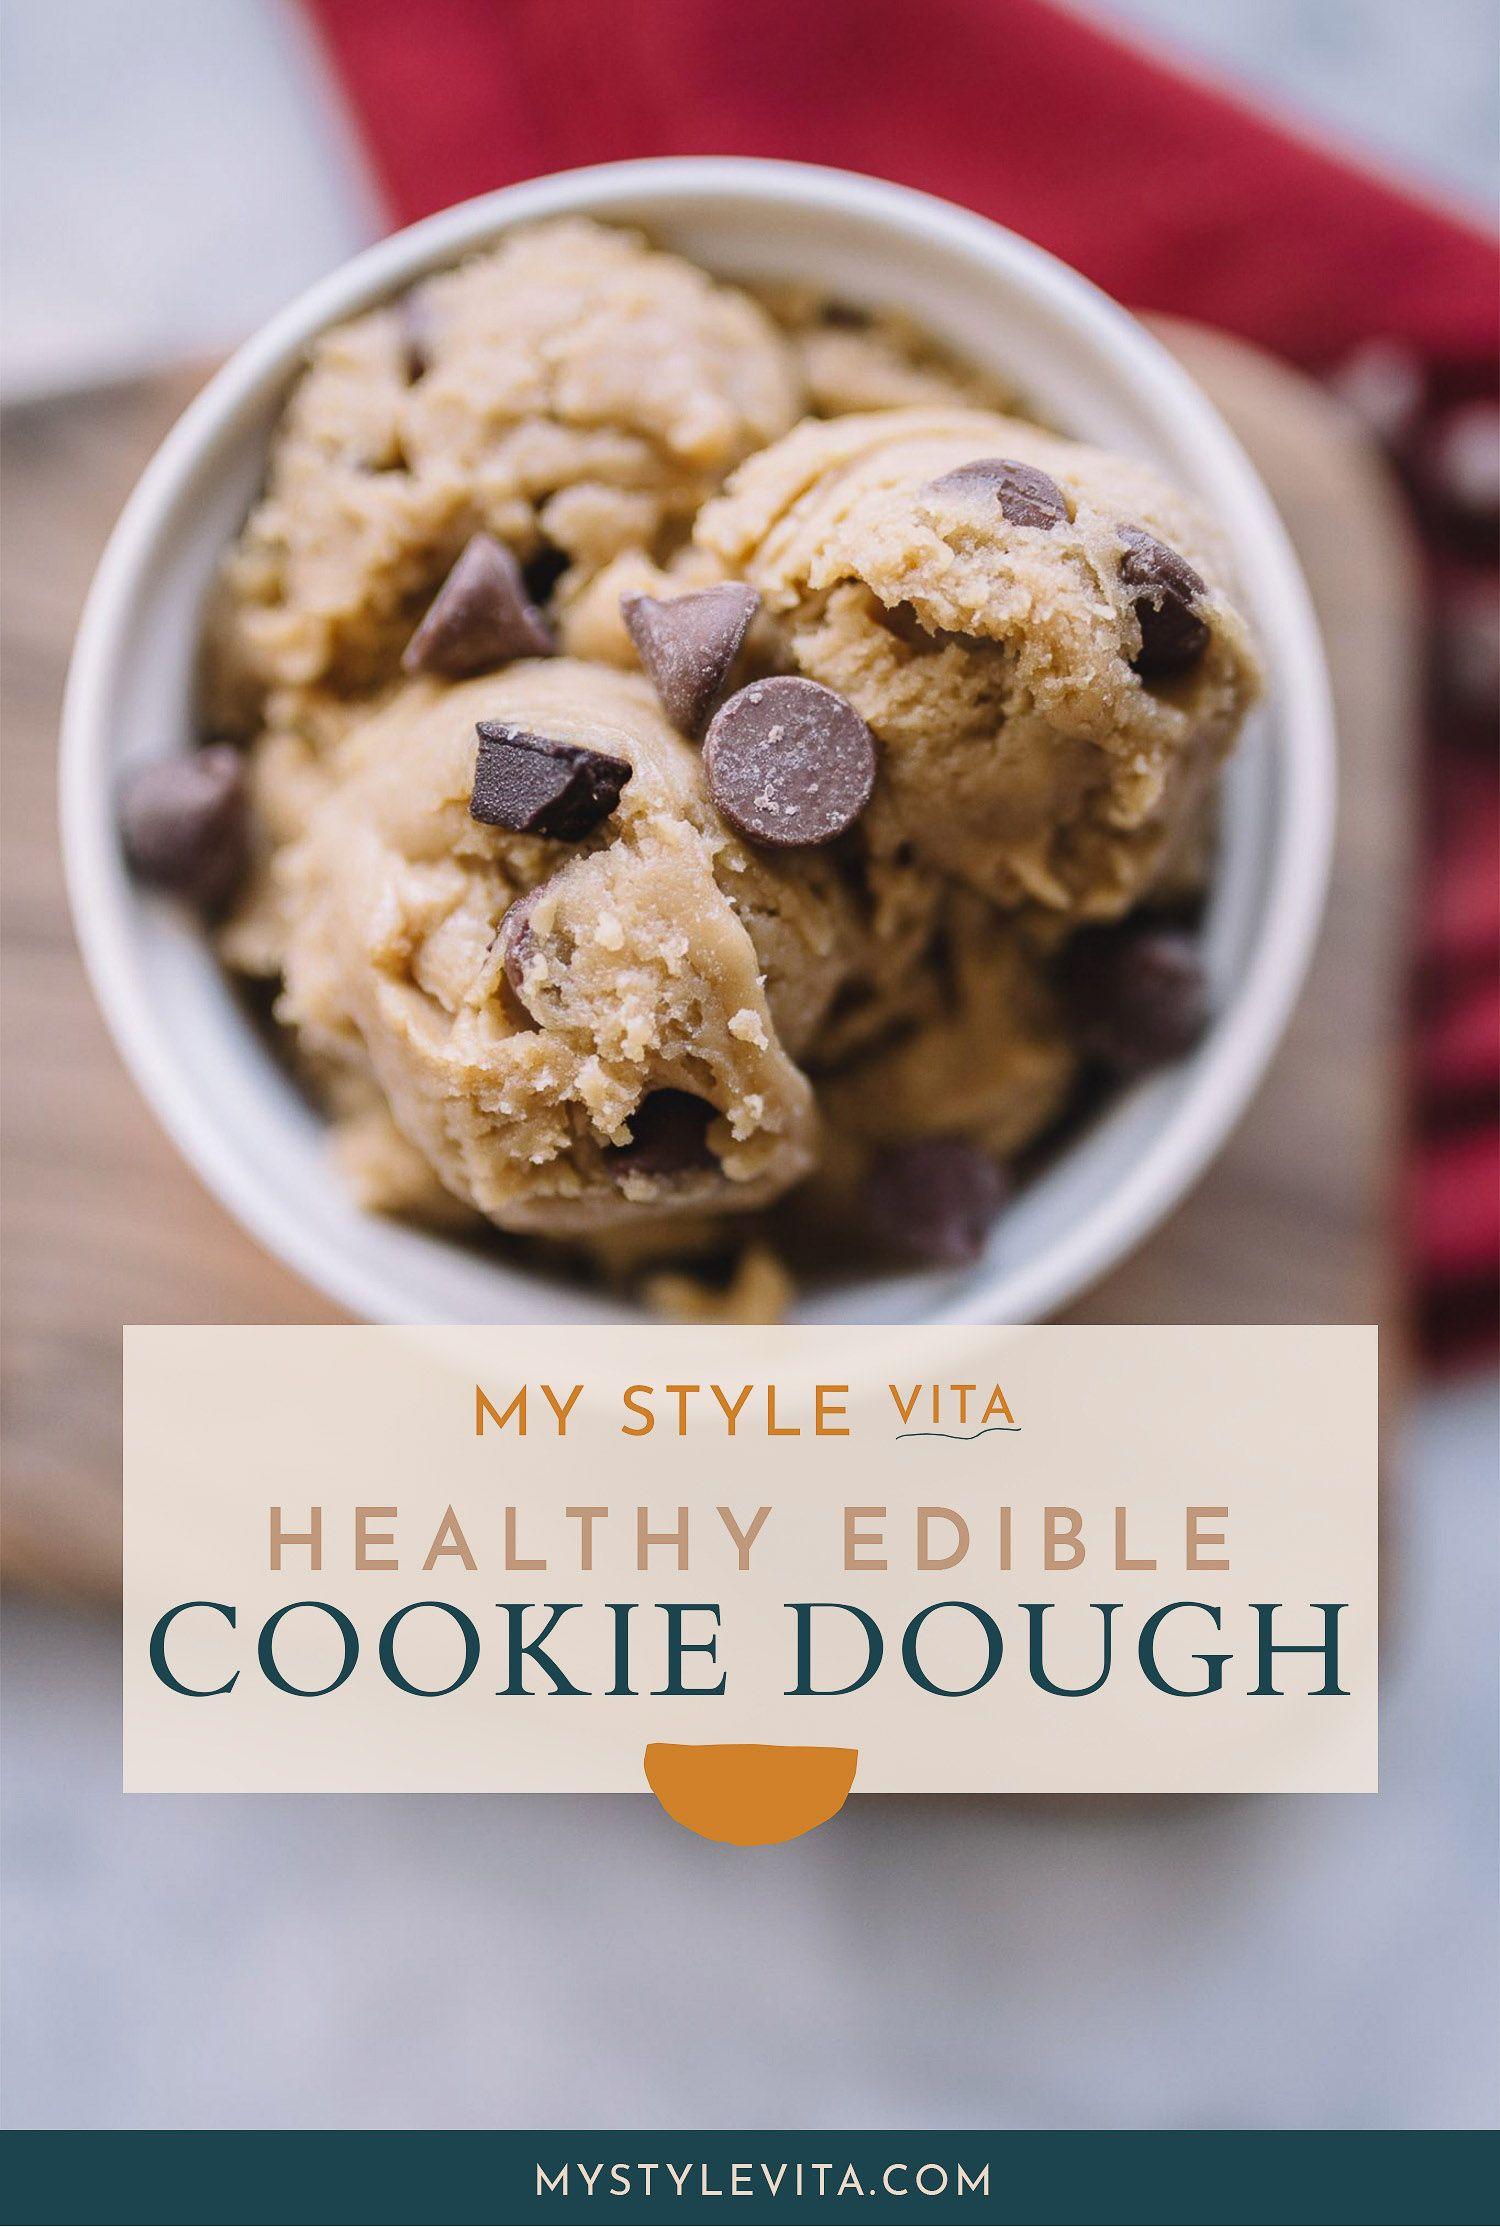 Healthy Edible Cookie Dough Recipe An Indigo Day Recipe Healthy Edible Cookie Dough Recipe Edible Cookies Edible Cookie Dough Recipe